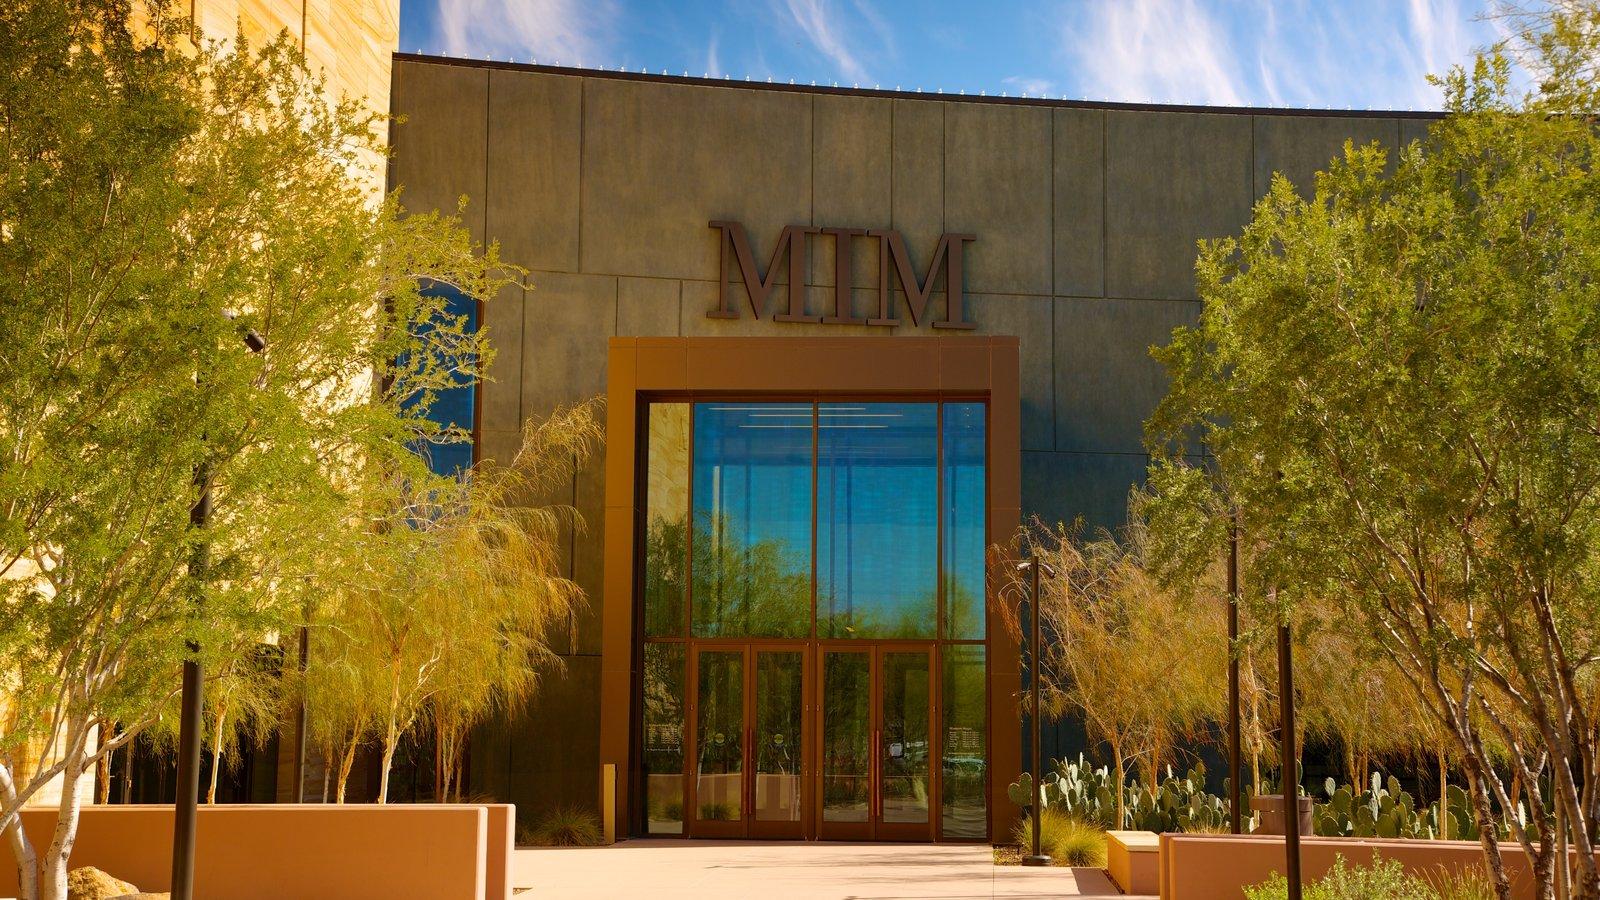 Museu dos Instrumentos Musicais caracterizando sinalização